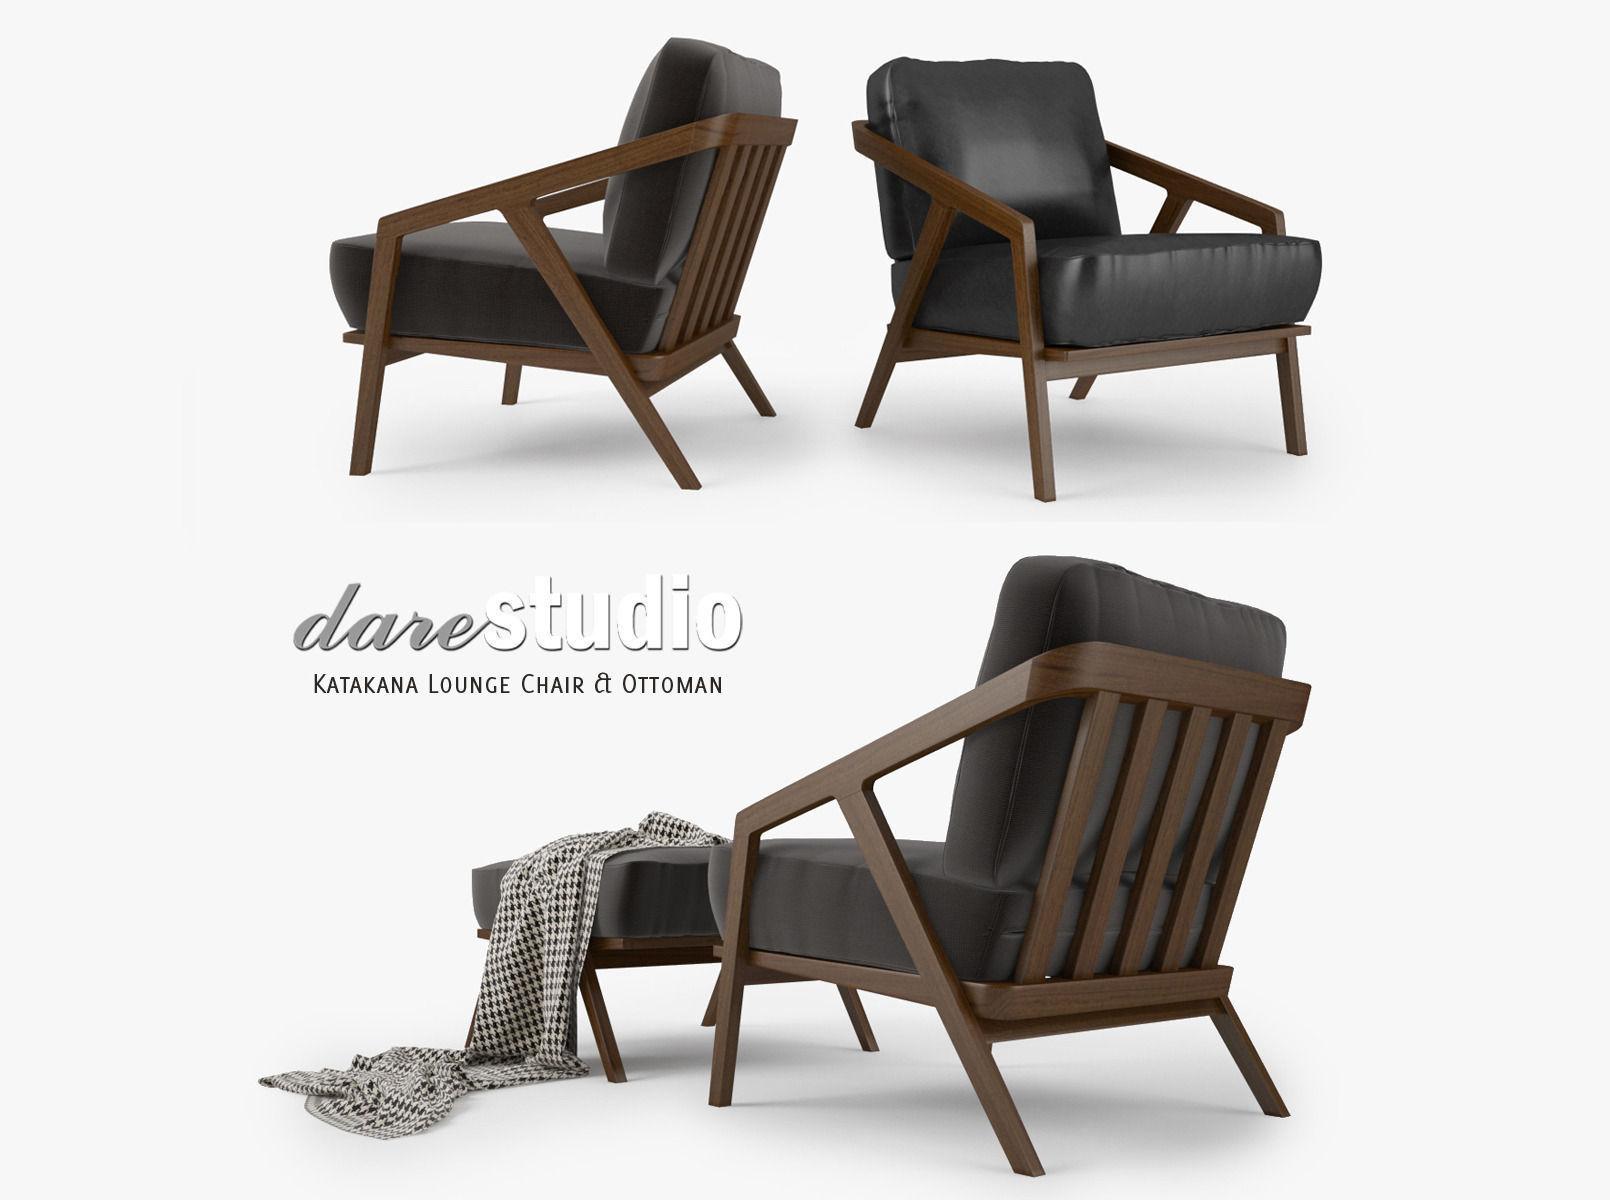 dare studio katakana lounge chair and ottoman 3d model max obj fbx mtl 1 ...  sc 1 st  CGTrader & Dare Studio Katakana Lounge Chair and Ottoman 3D model MAX OBJ FBX MTL